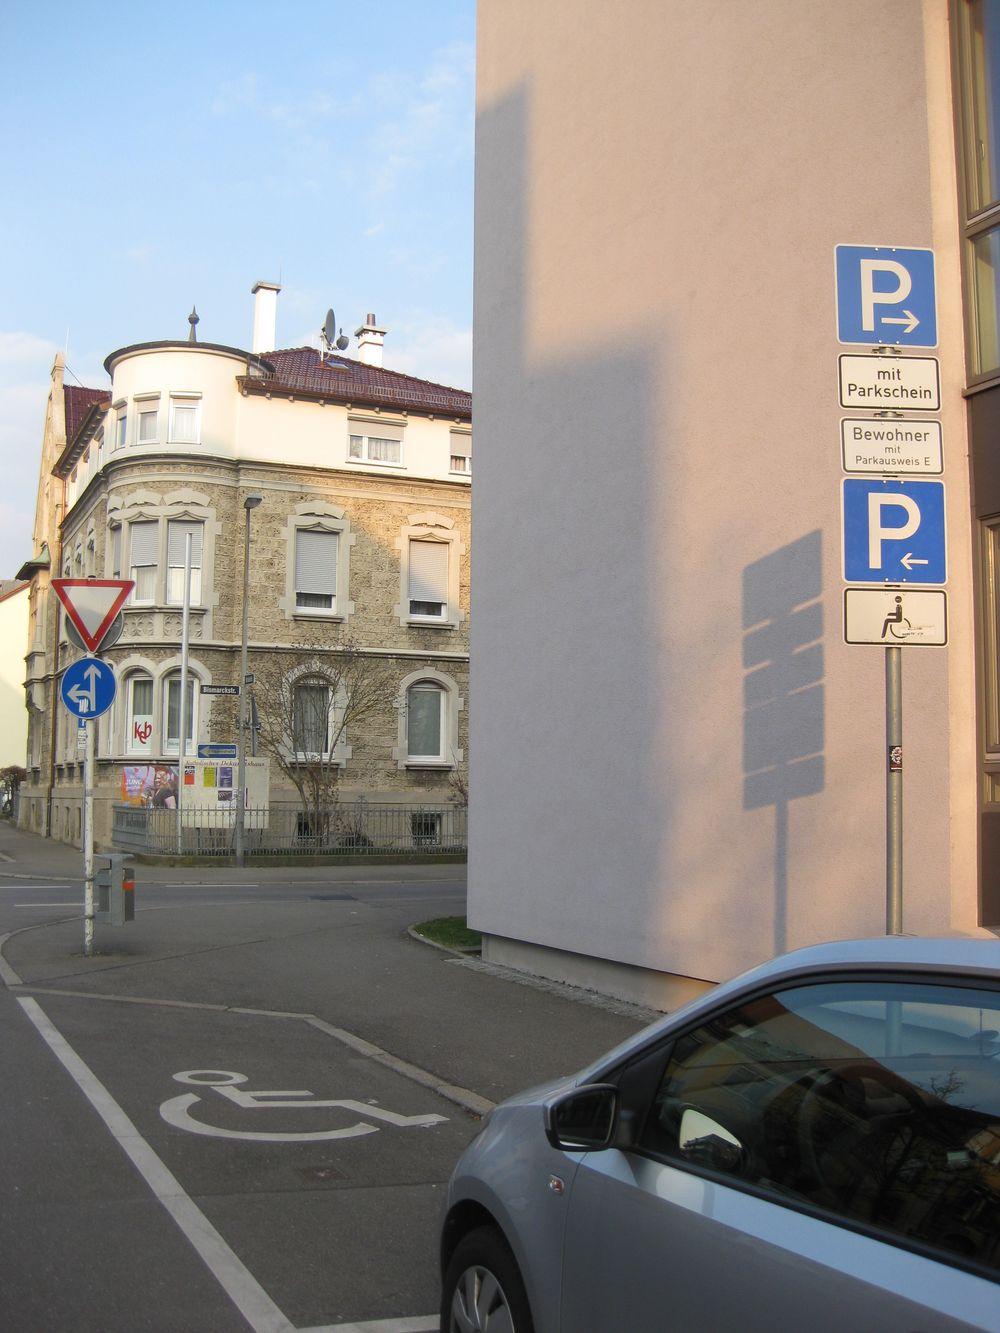 1 Behindertenstellplatz in der Schulstraße